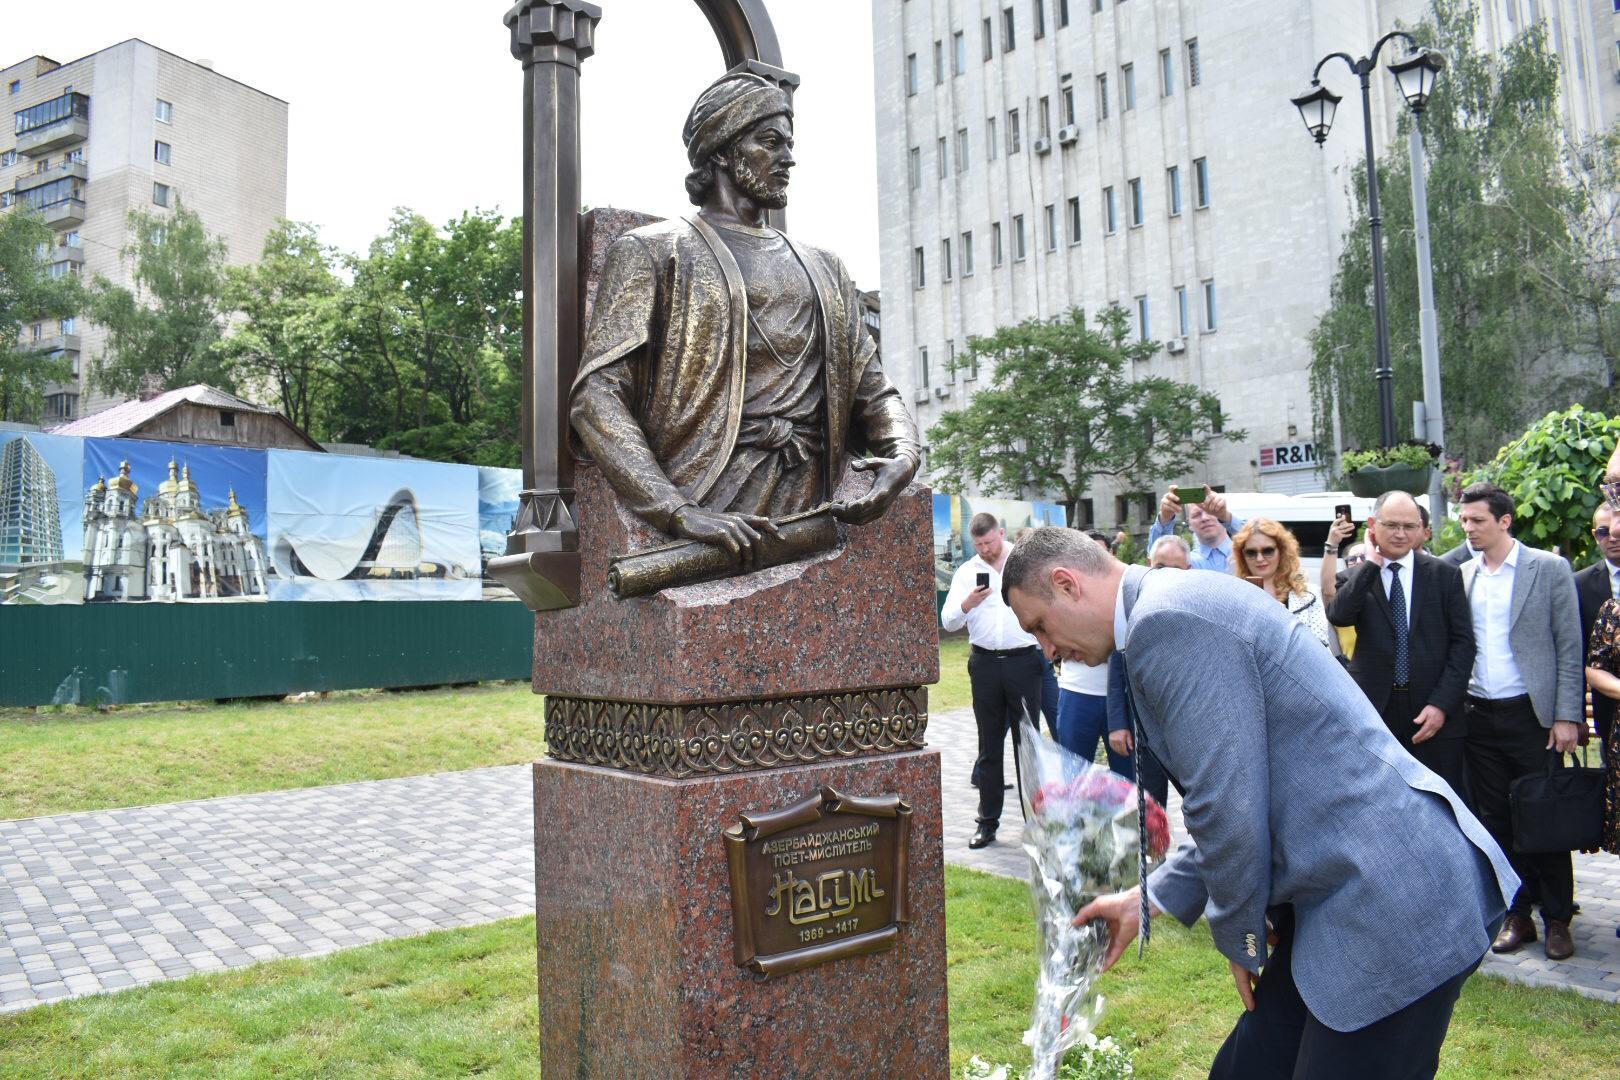 Kiyevdə Nəsiminin heykəlinin açılışı olub (FOTO)